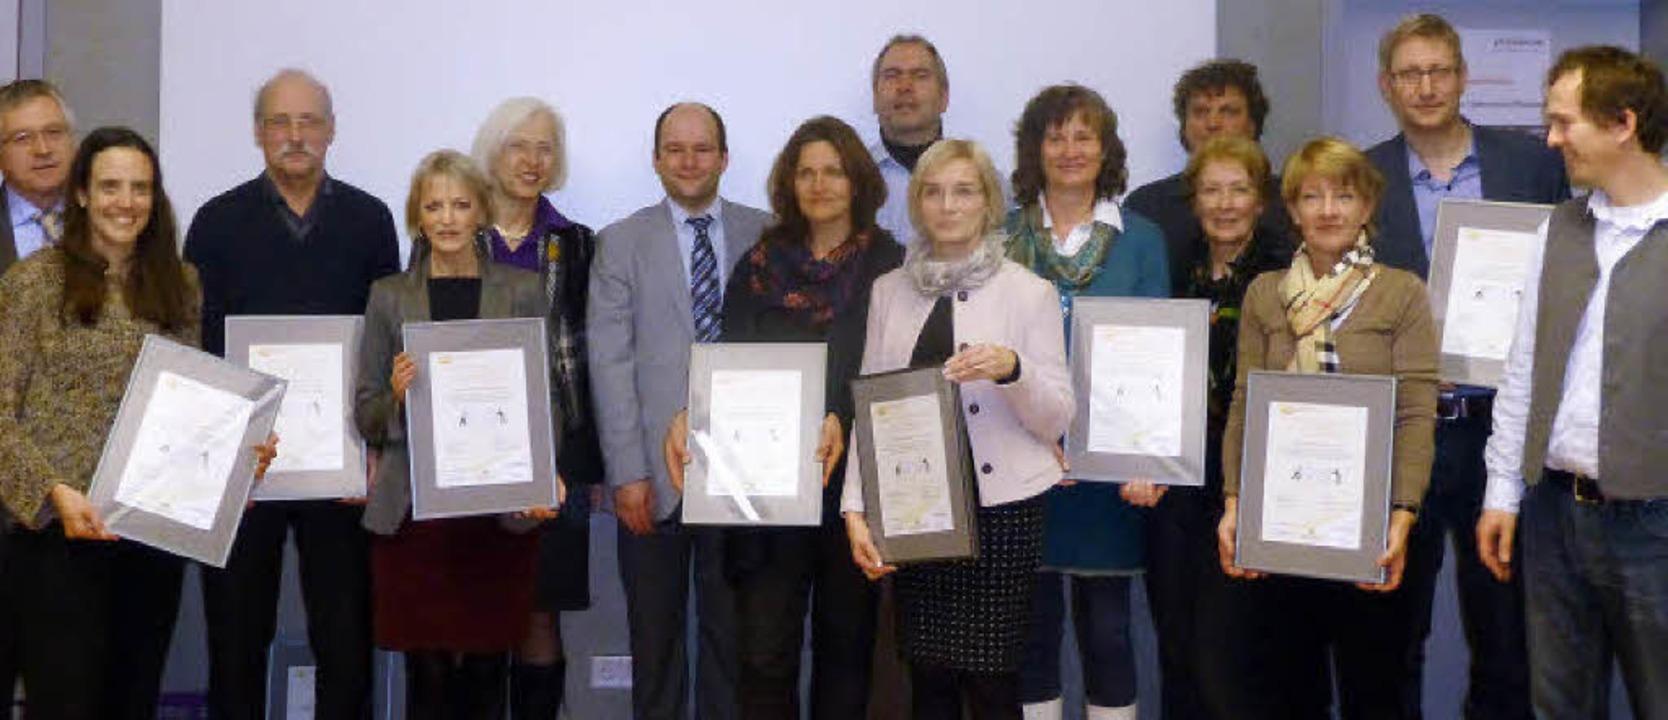 Die Lörracher Oberbürgermeisterin, Gud...von links) mit Vertretern der Schulen.  | Foto: Reinhardt